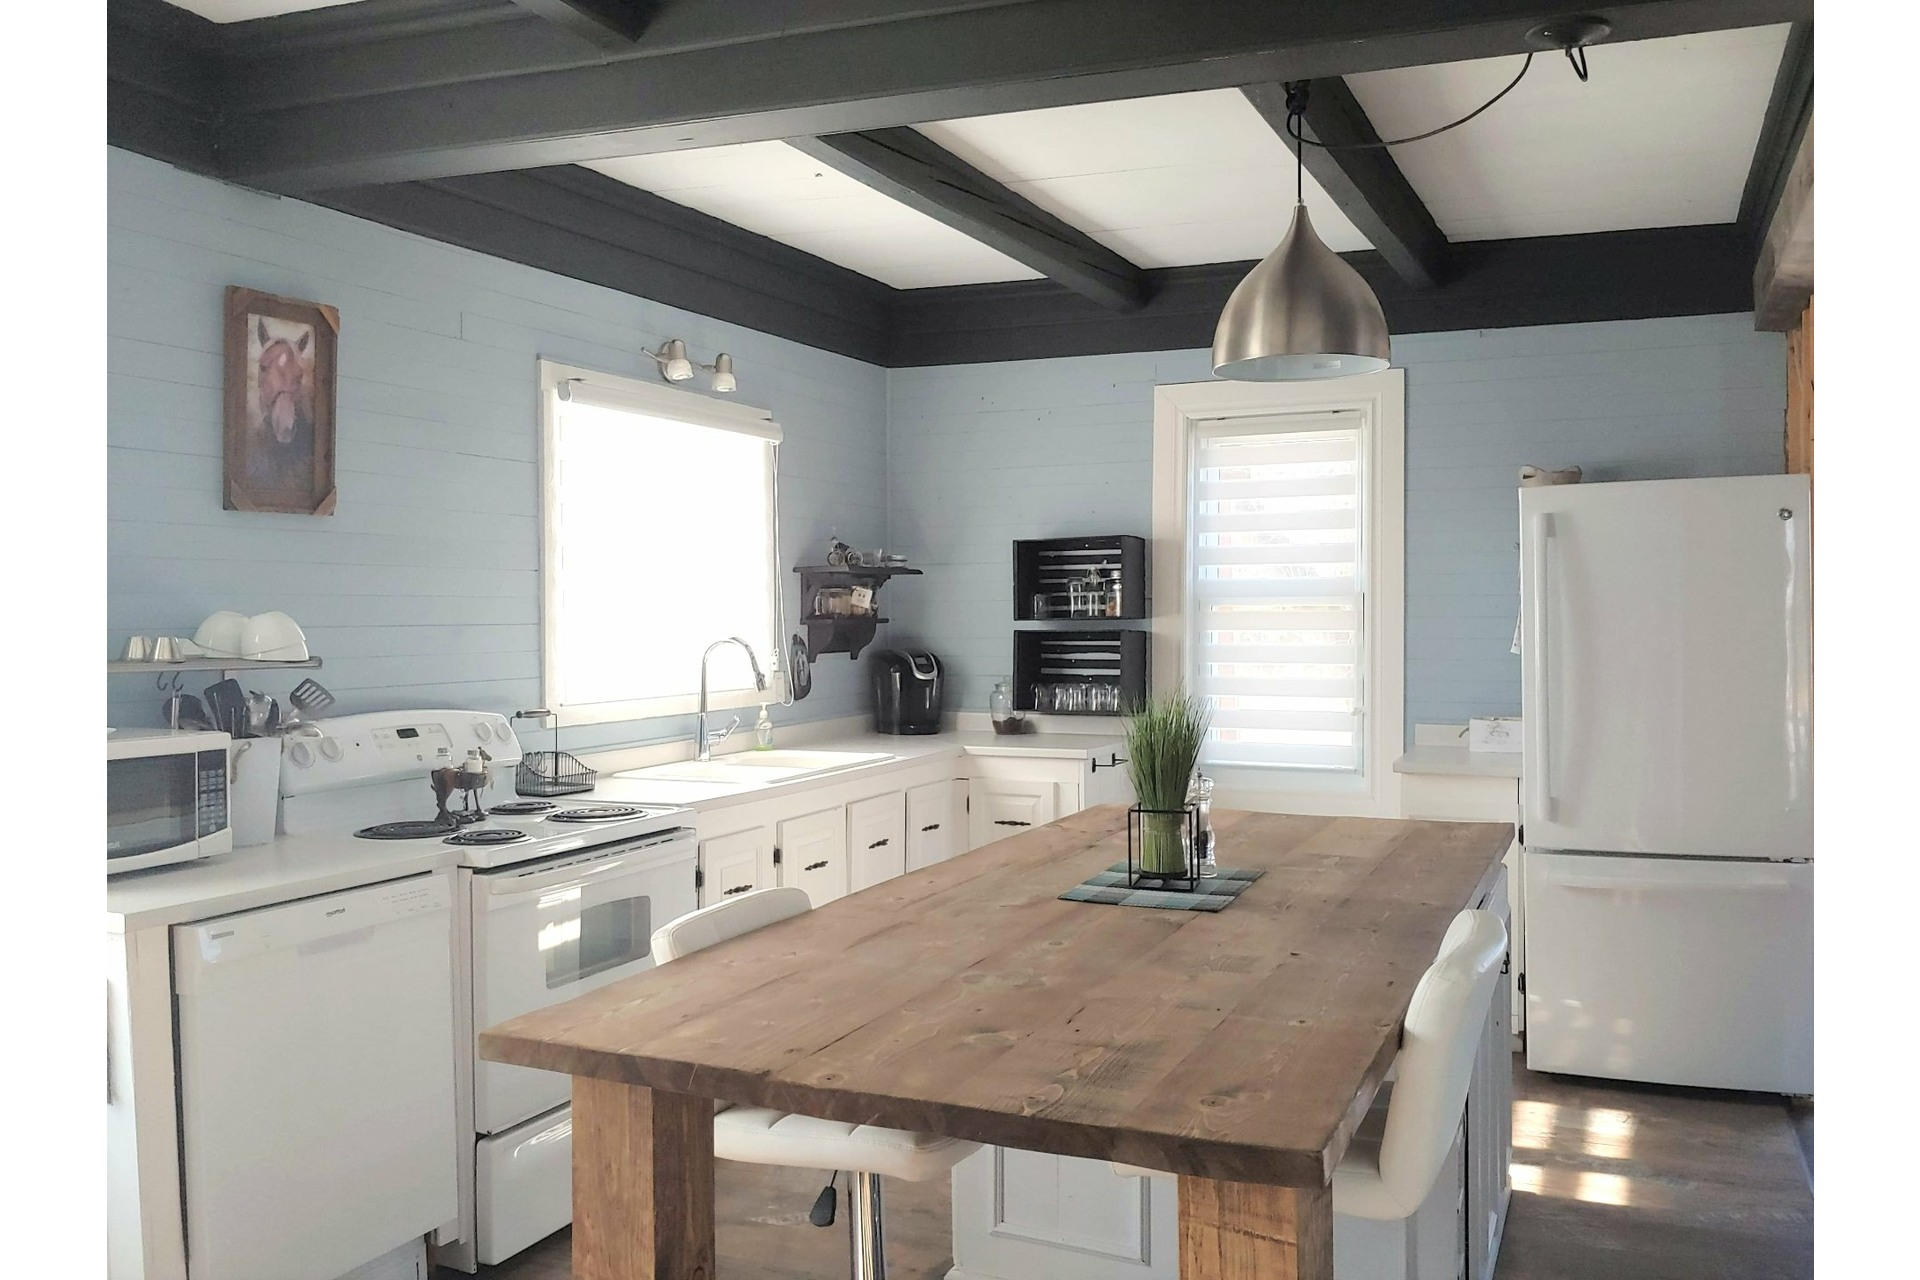 image 3 - Farmhouse For sale Notre-Dame-du-Bon-Conseil - Paroisse - 5 rooms